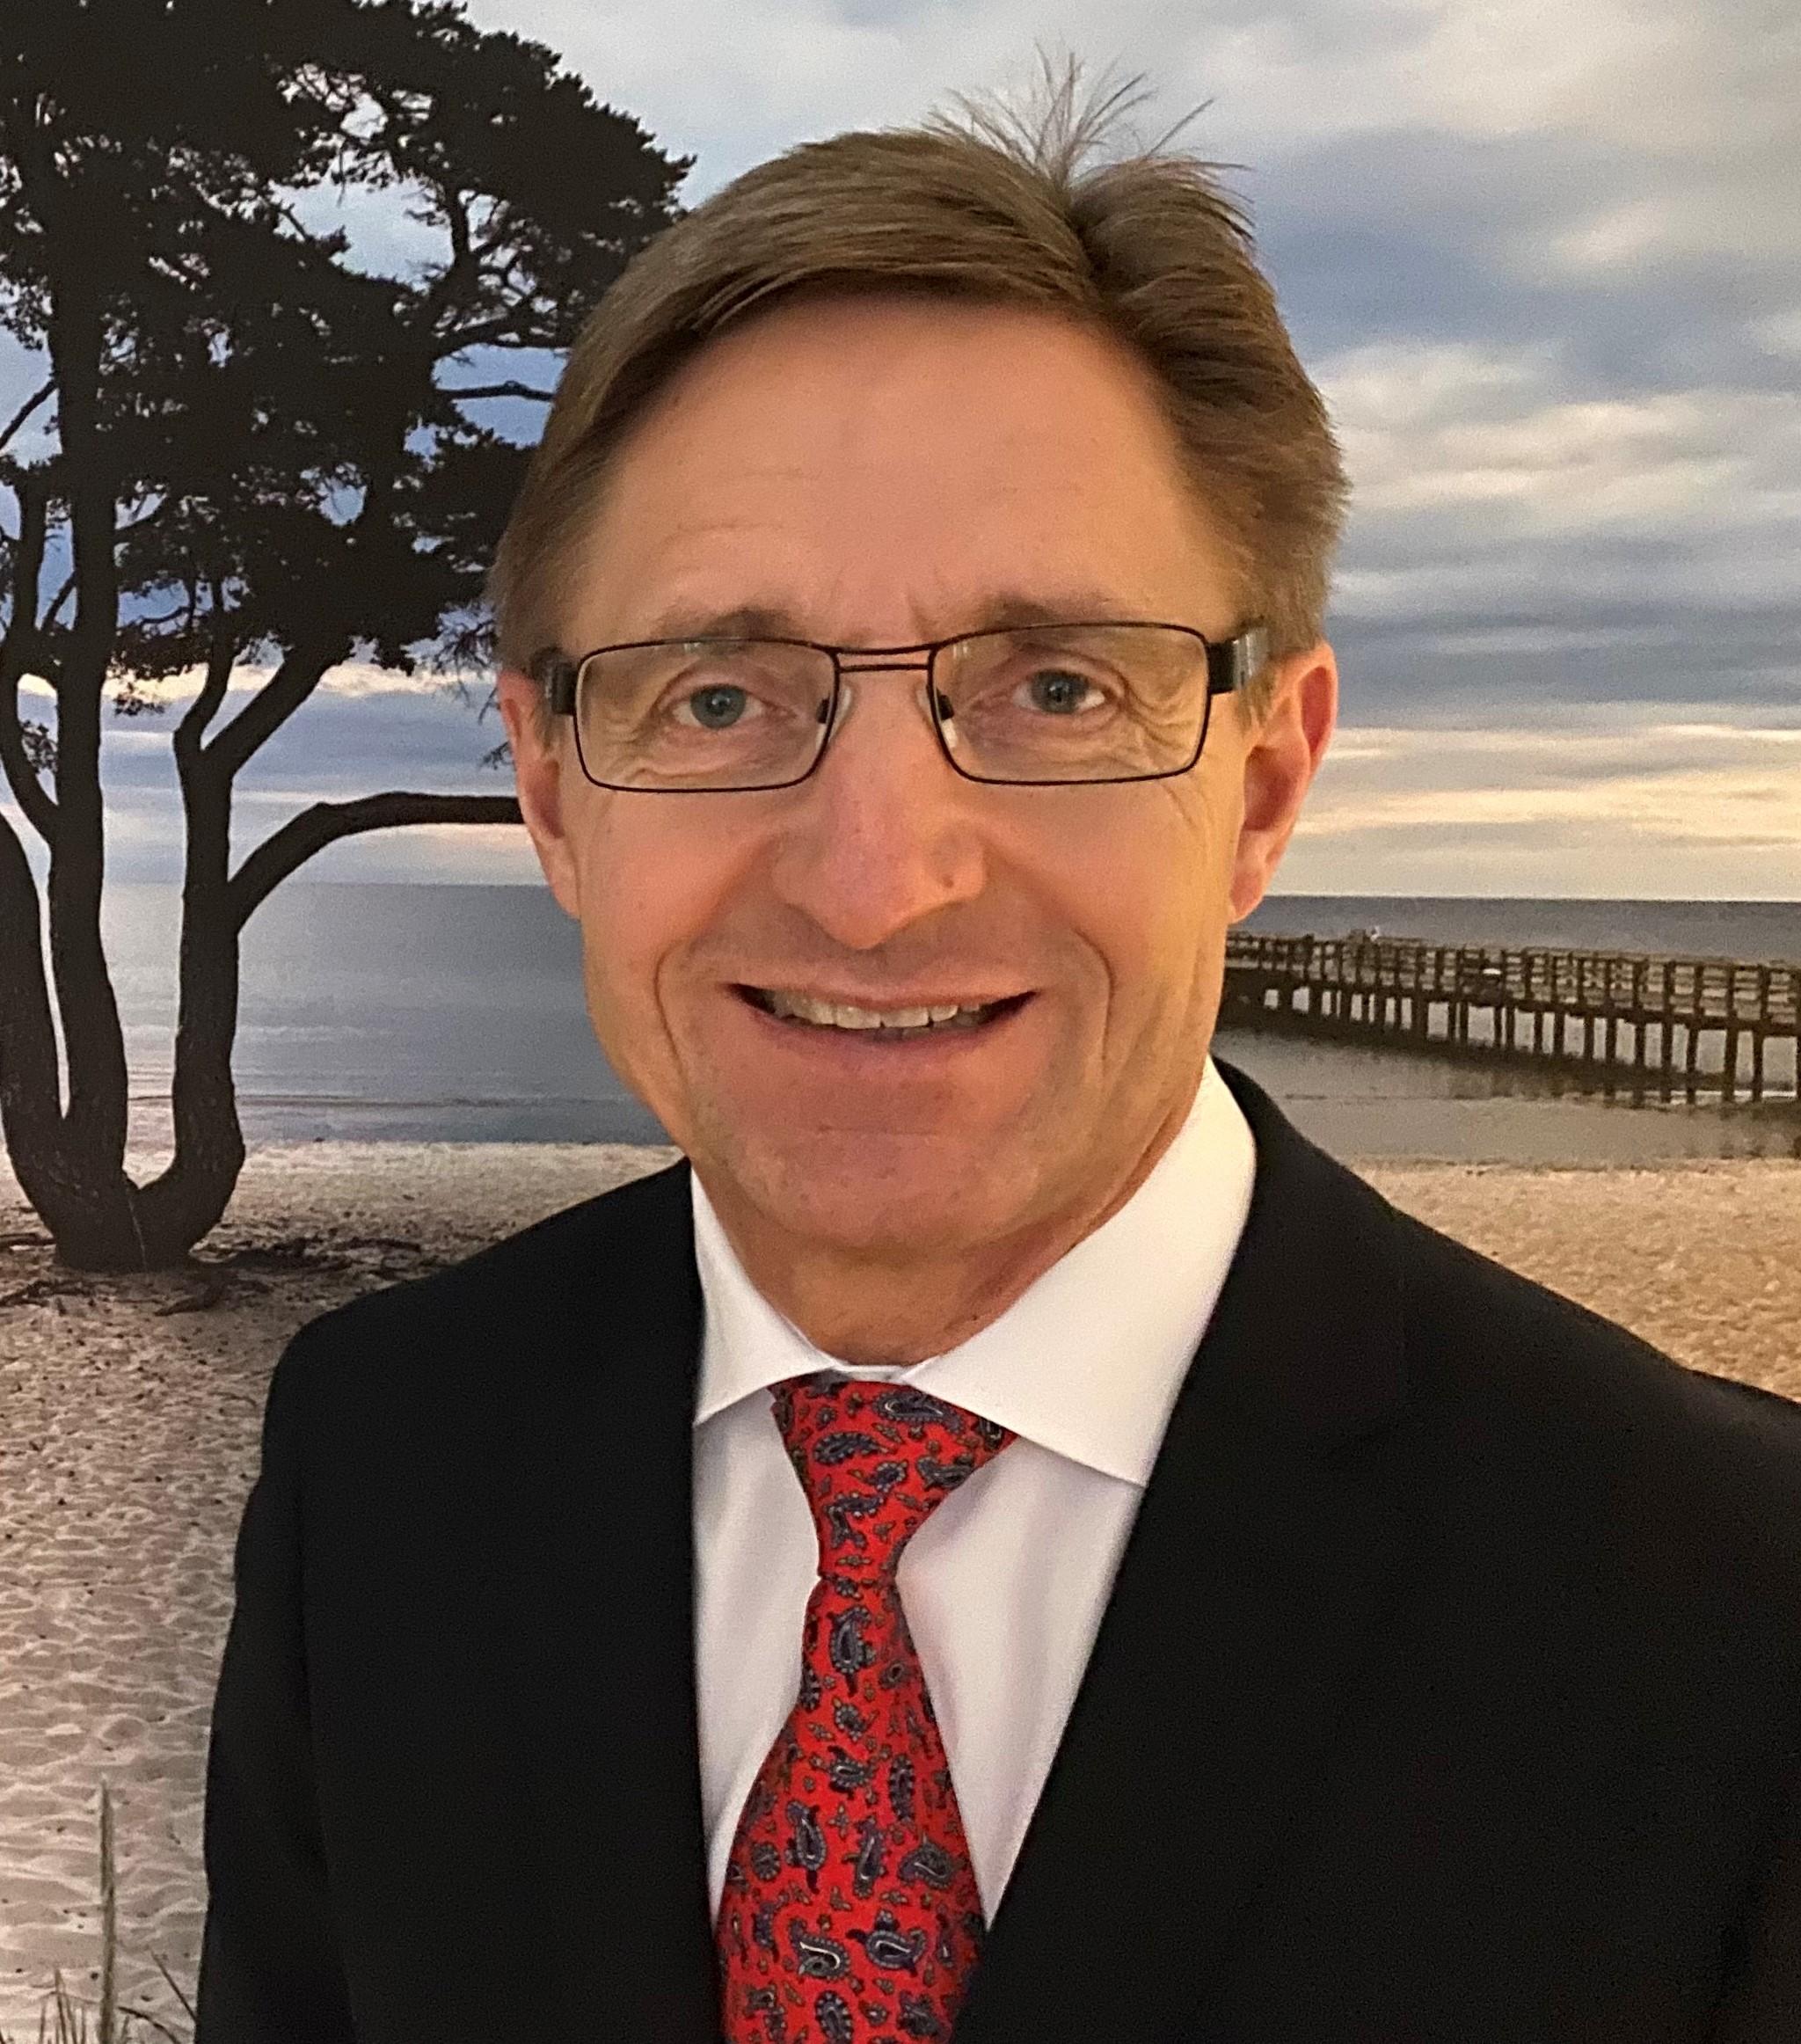 Christer Borgfeldt, , lektor, docent och överläkare inom Obstetrik och gynekologi på Skånes universitetssjukhus och Lunds universitet.